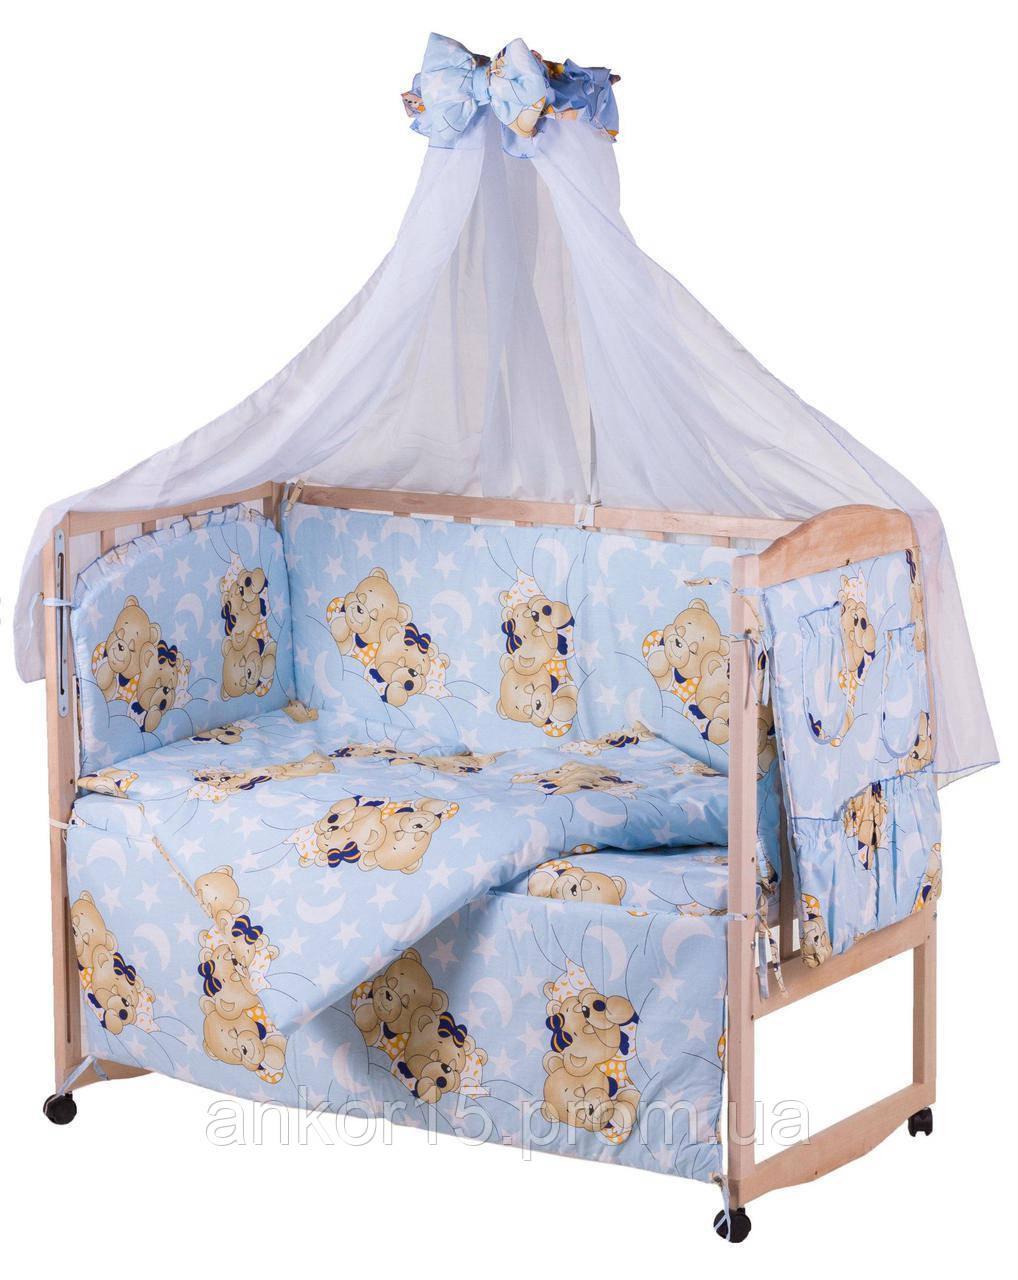 Детское постельное белье в кроватку Мишки спят 8 в 1 голубое